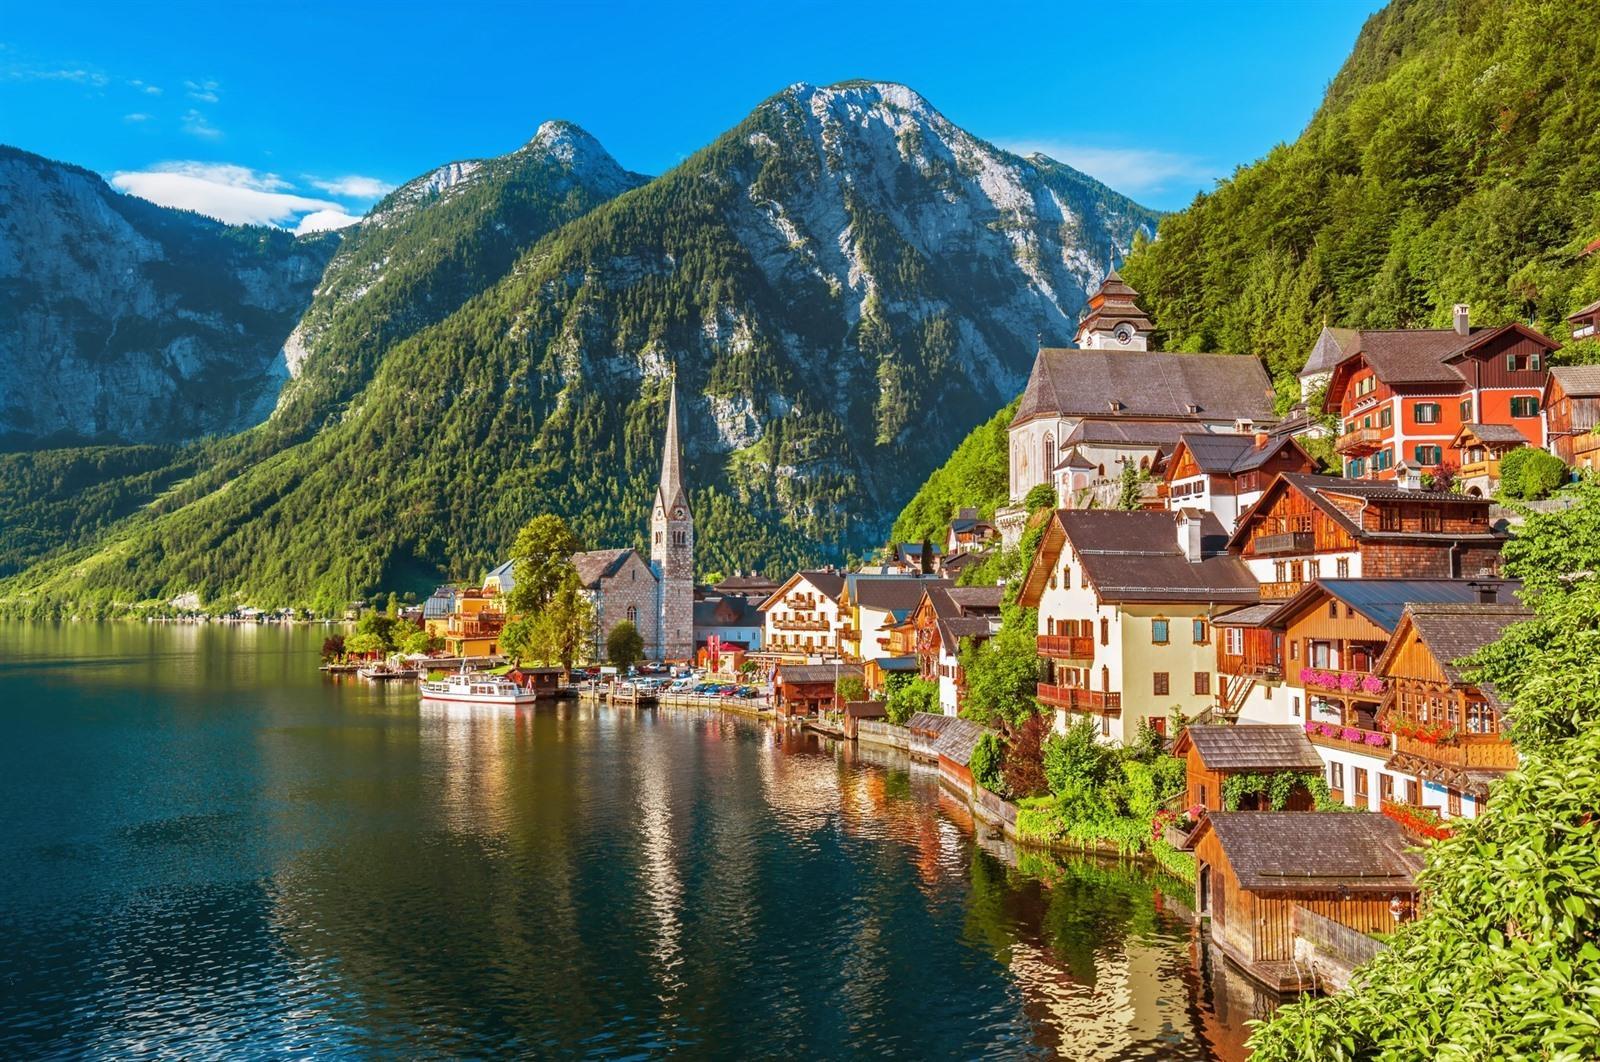 österreich Bilder